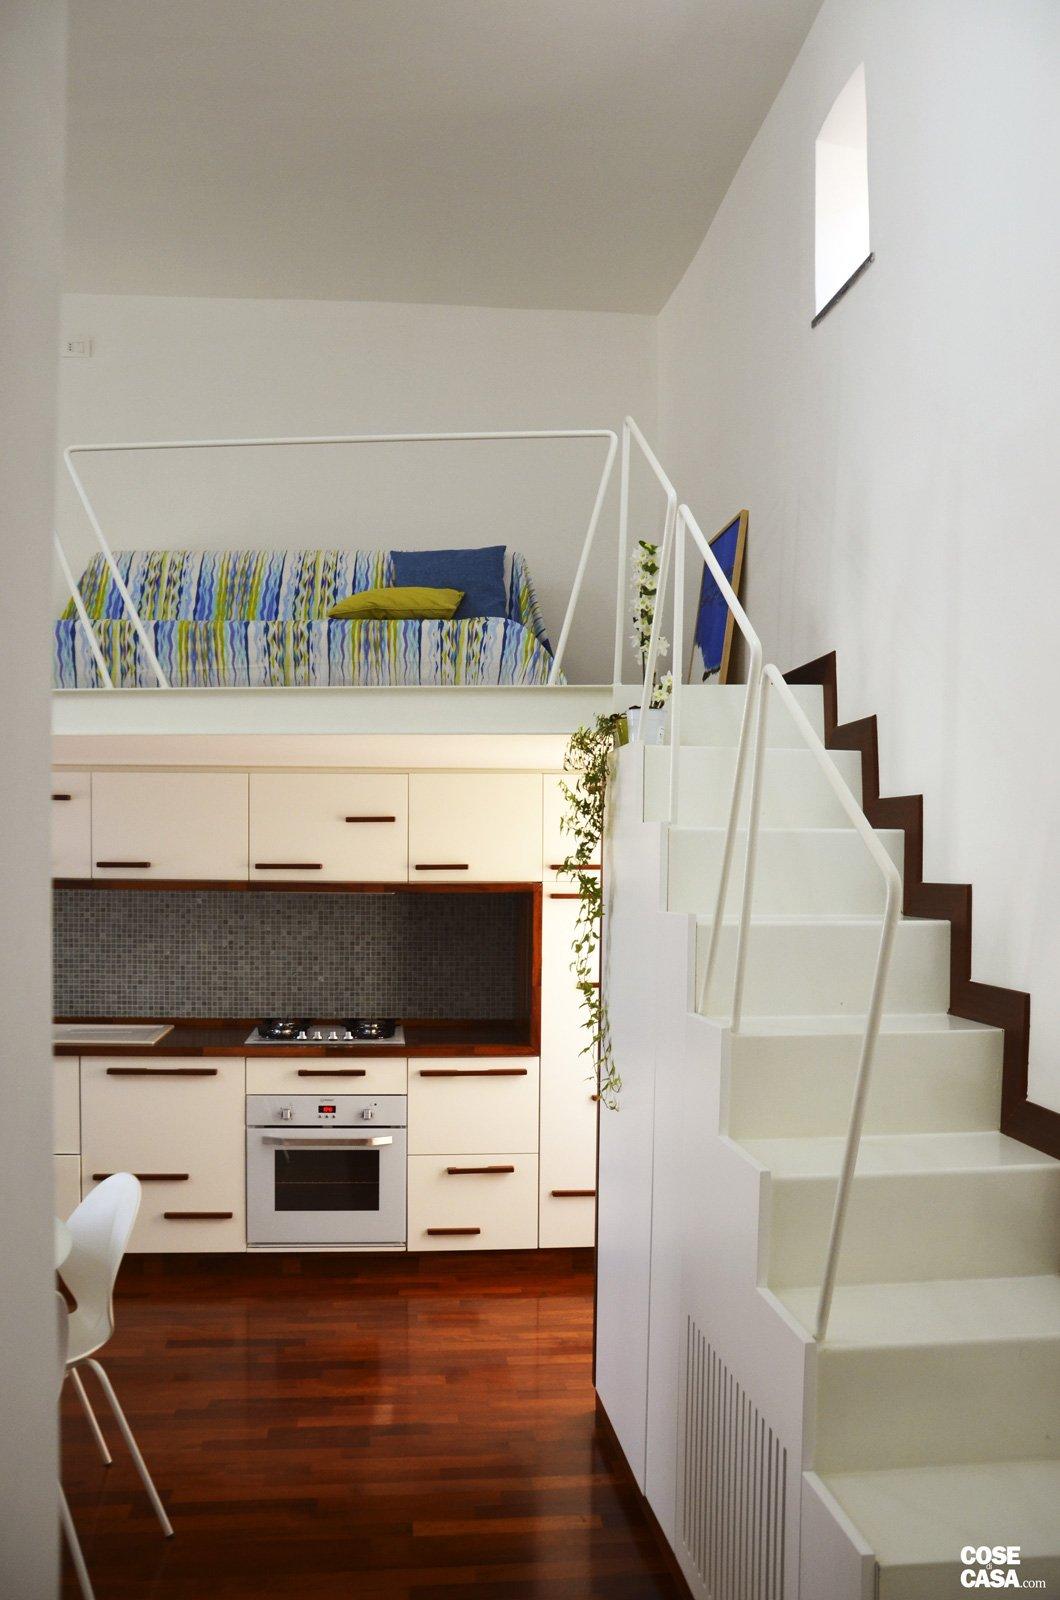 Un mini appartamento di 50 mq che sfrutta l 39 altezza dei for Piccole planimetrie della casa con soppalco